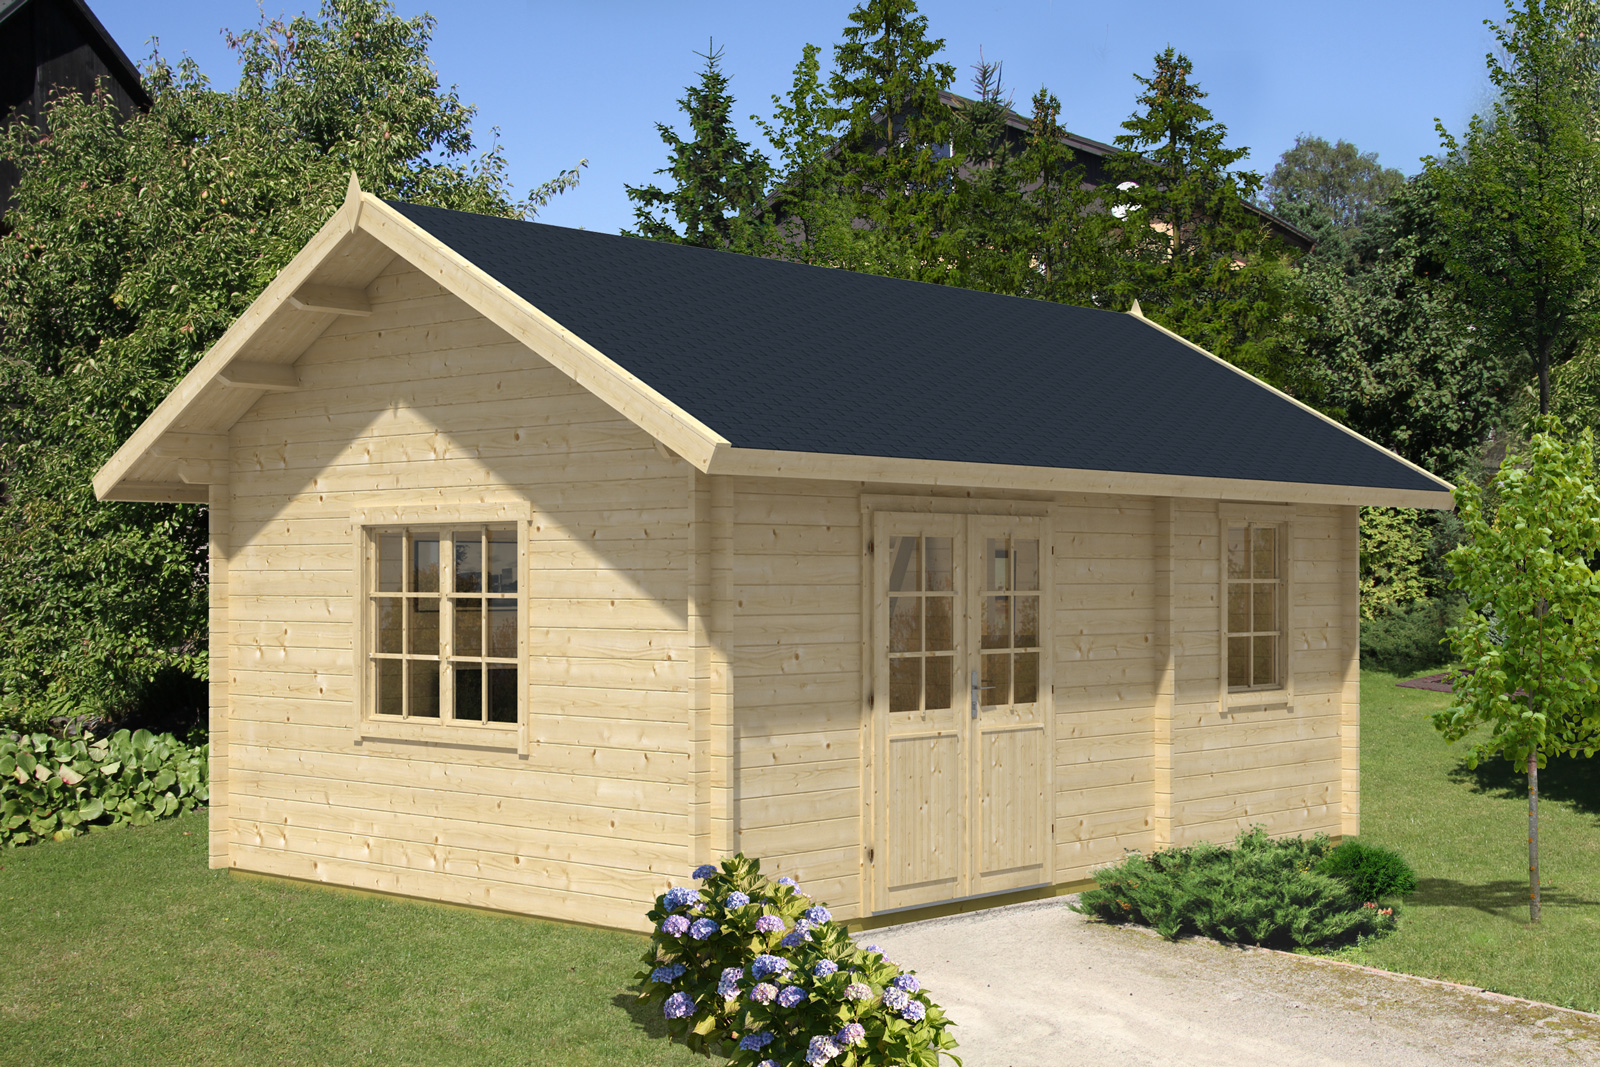 garten und freizeithaus arizona 44 iso garten und freizeithaus arizona 44 iso. Black Bedroom Furniture Sets. Home Design Ideas